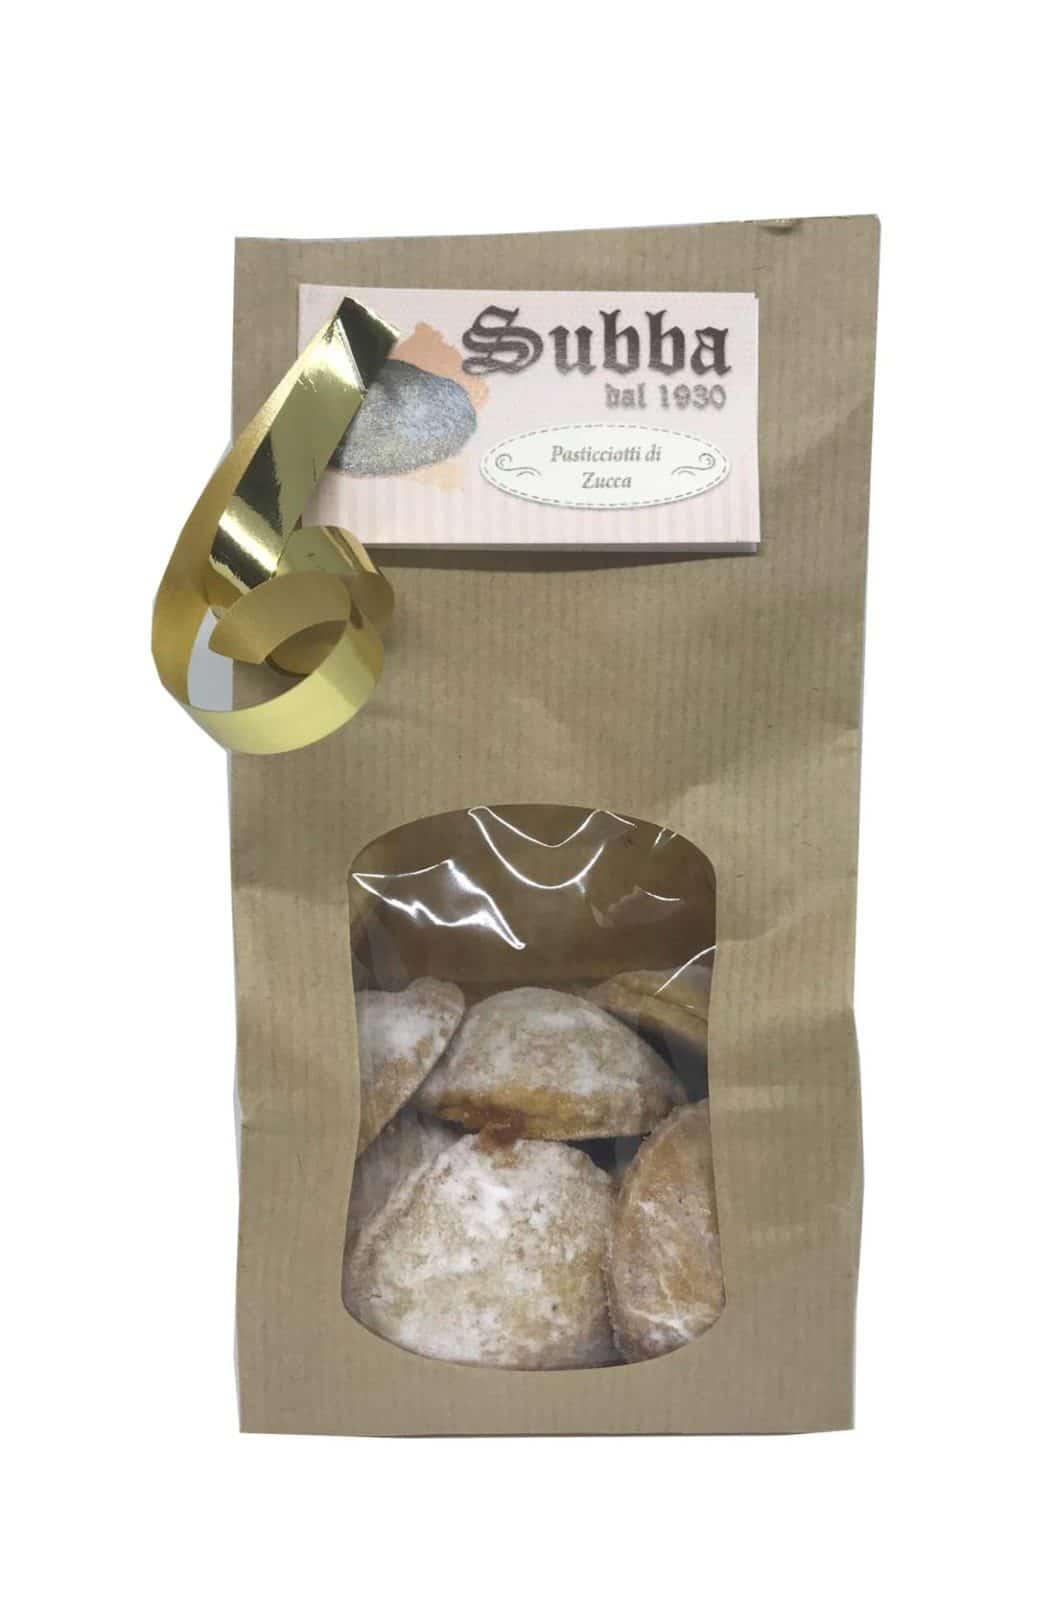 Pasticciotti di Zucca 180g – SUBBA